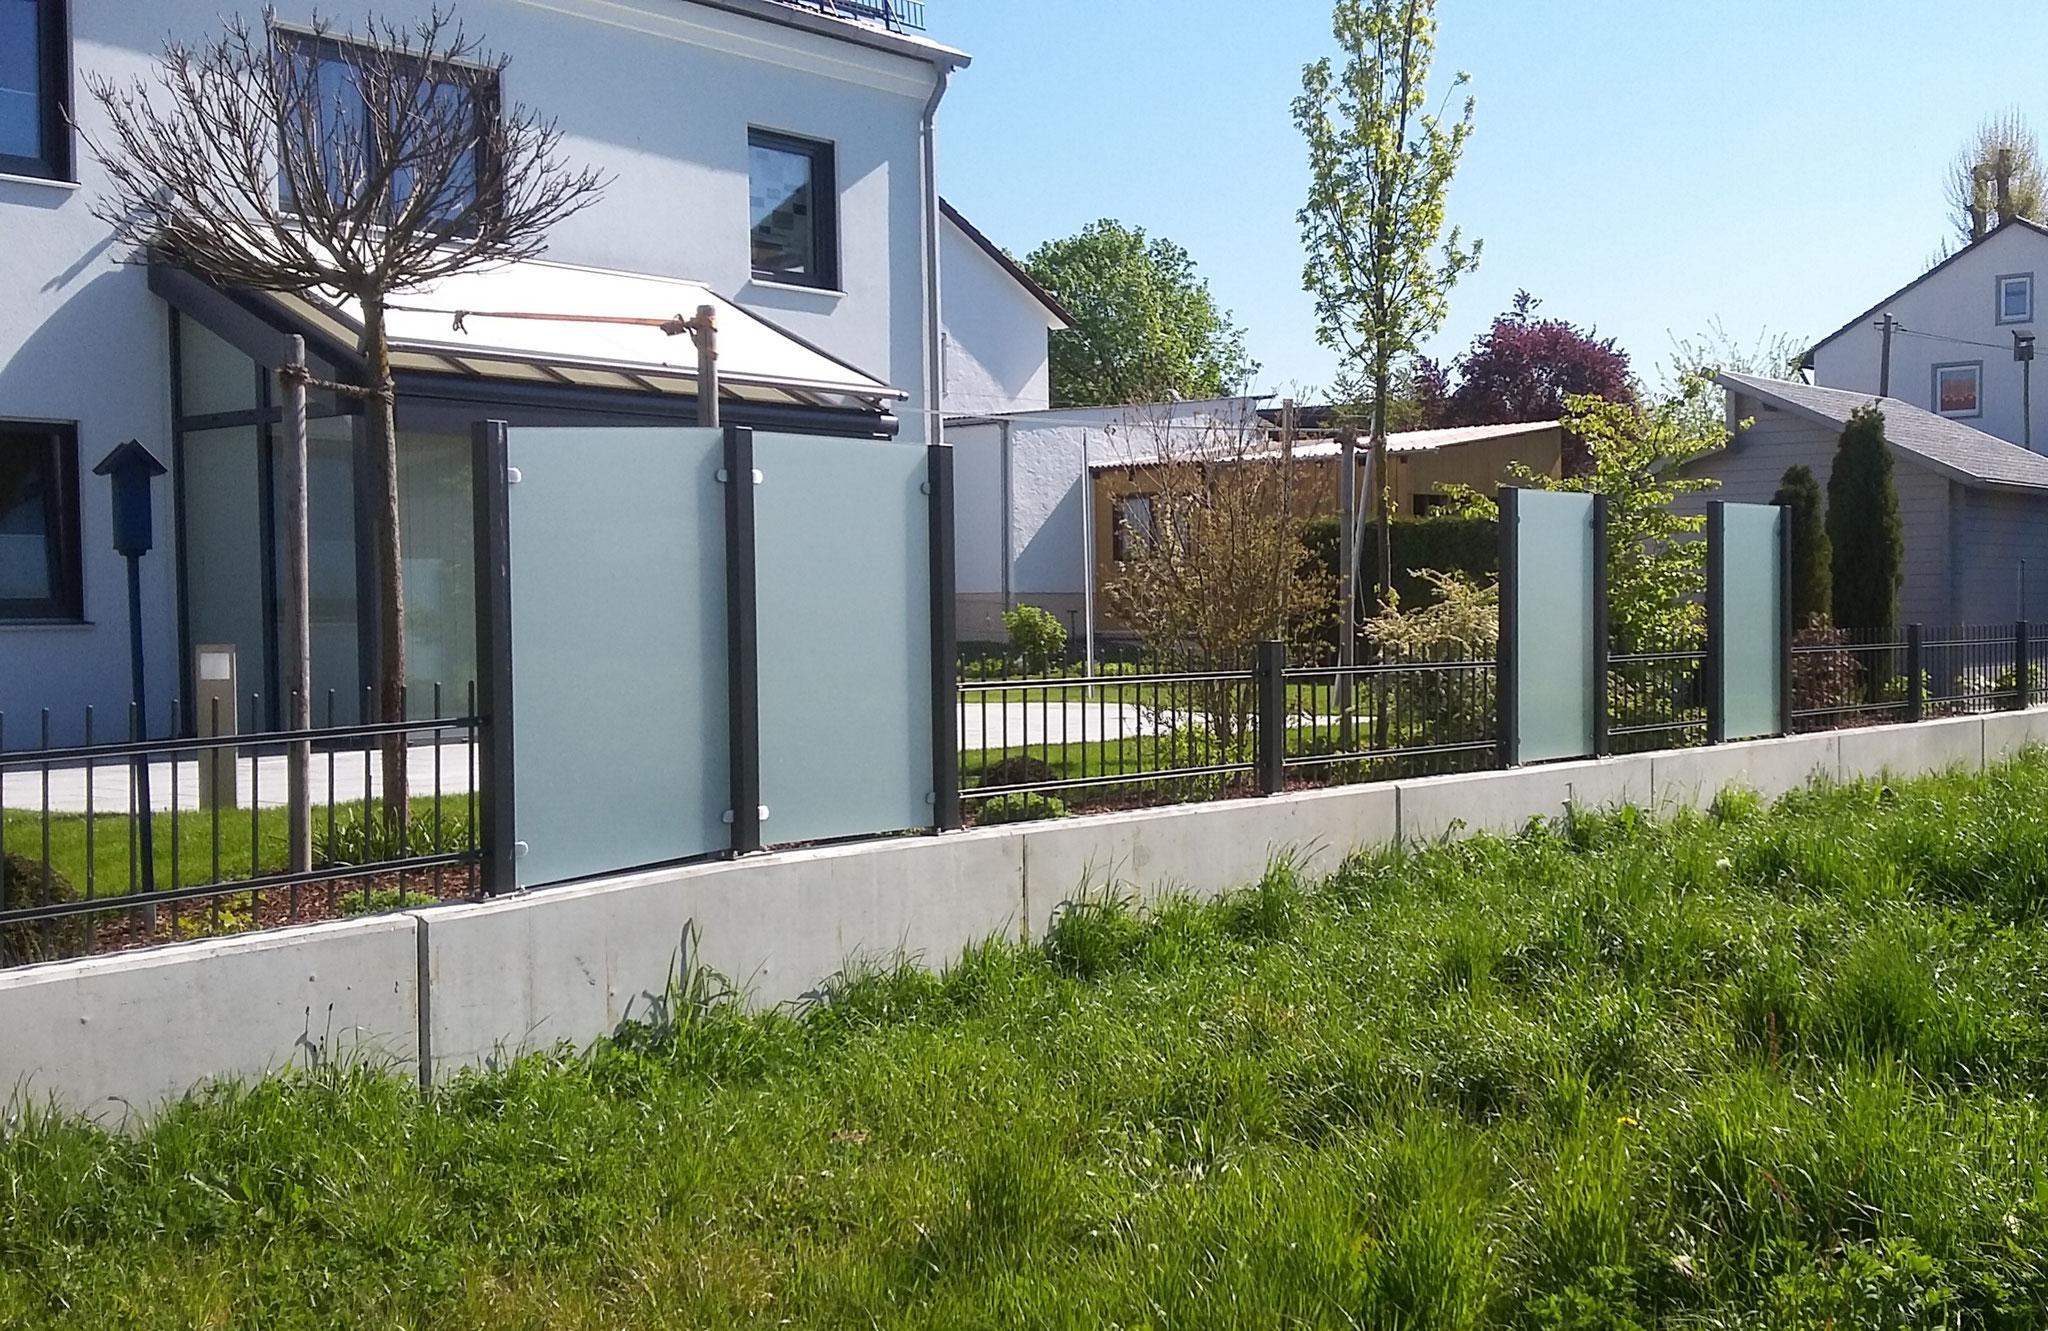 Zaun mit Sichtschutzelementen aus Glas